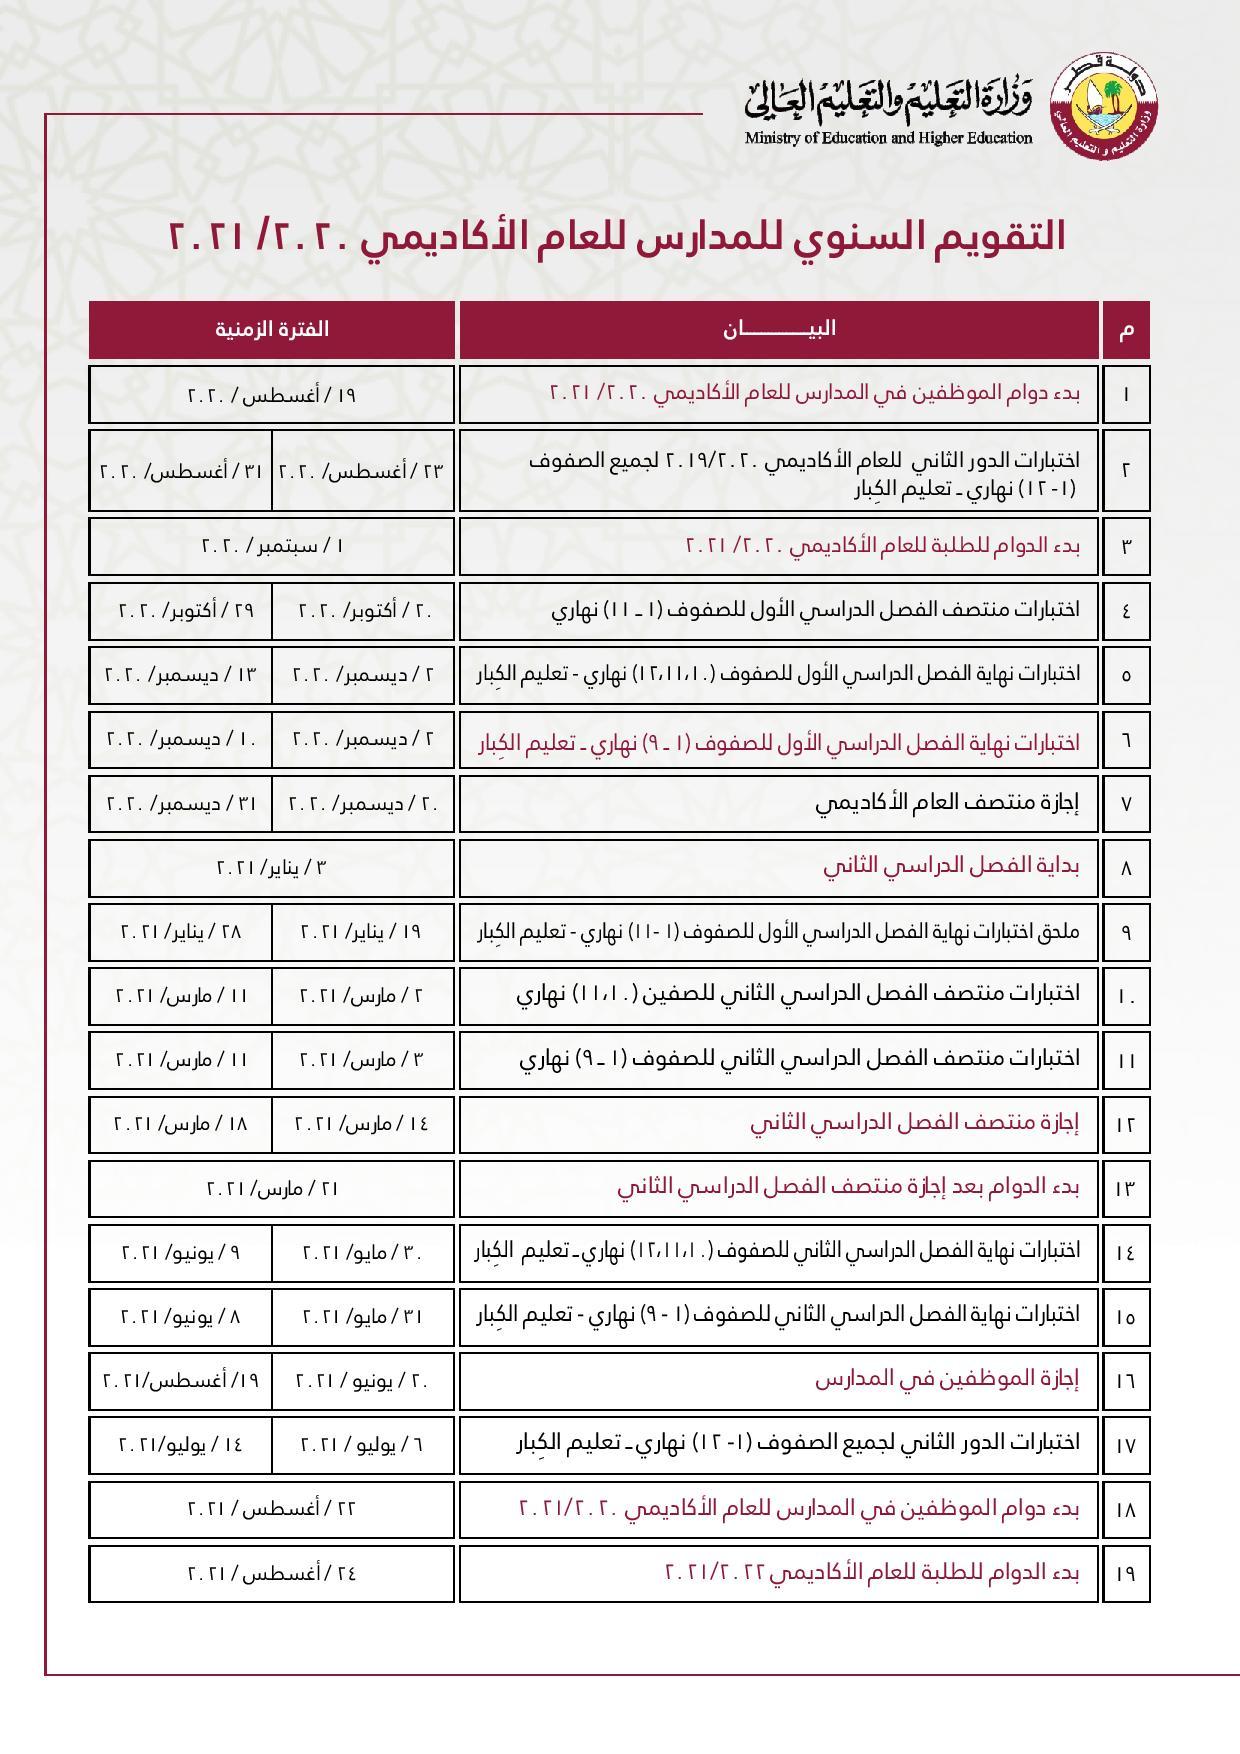 التقويم المدرسي السنوي لمنهاج الأكاديمي